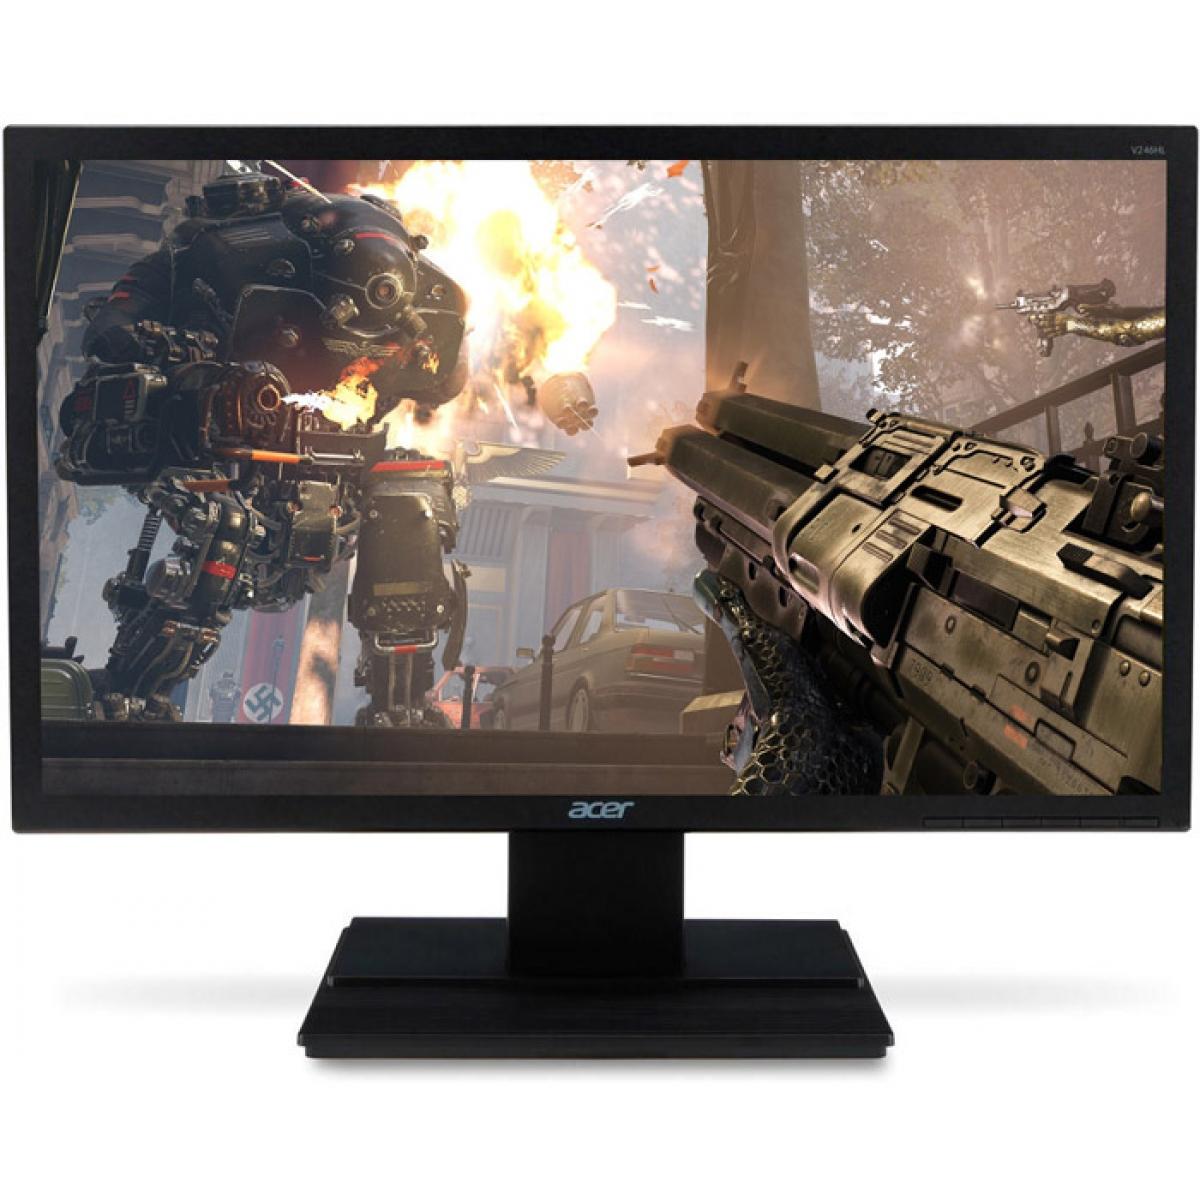 Monitor Gamer Acer 23.6 Pol, Full HD, 60Hz, 5ms, V246HL